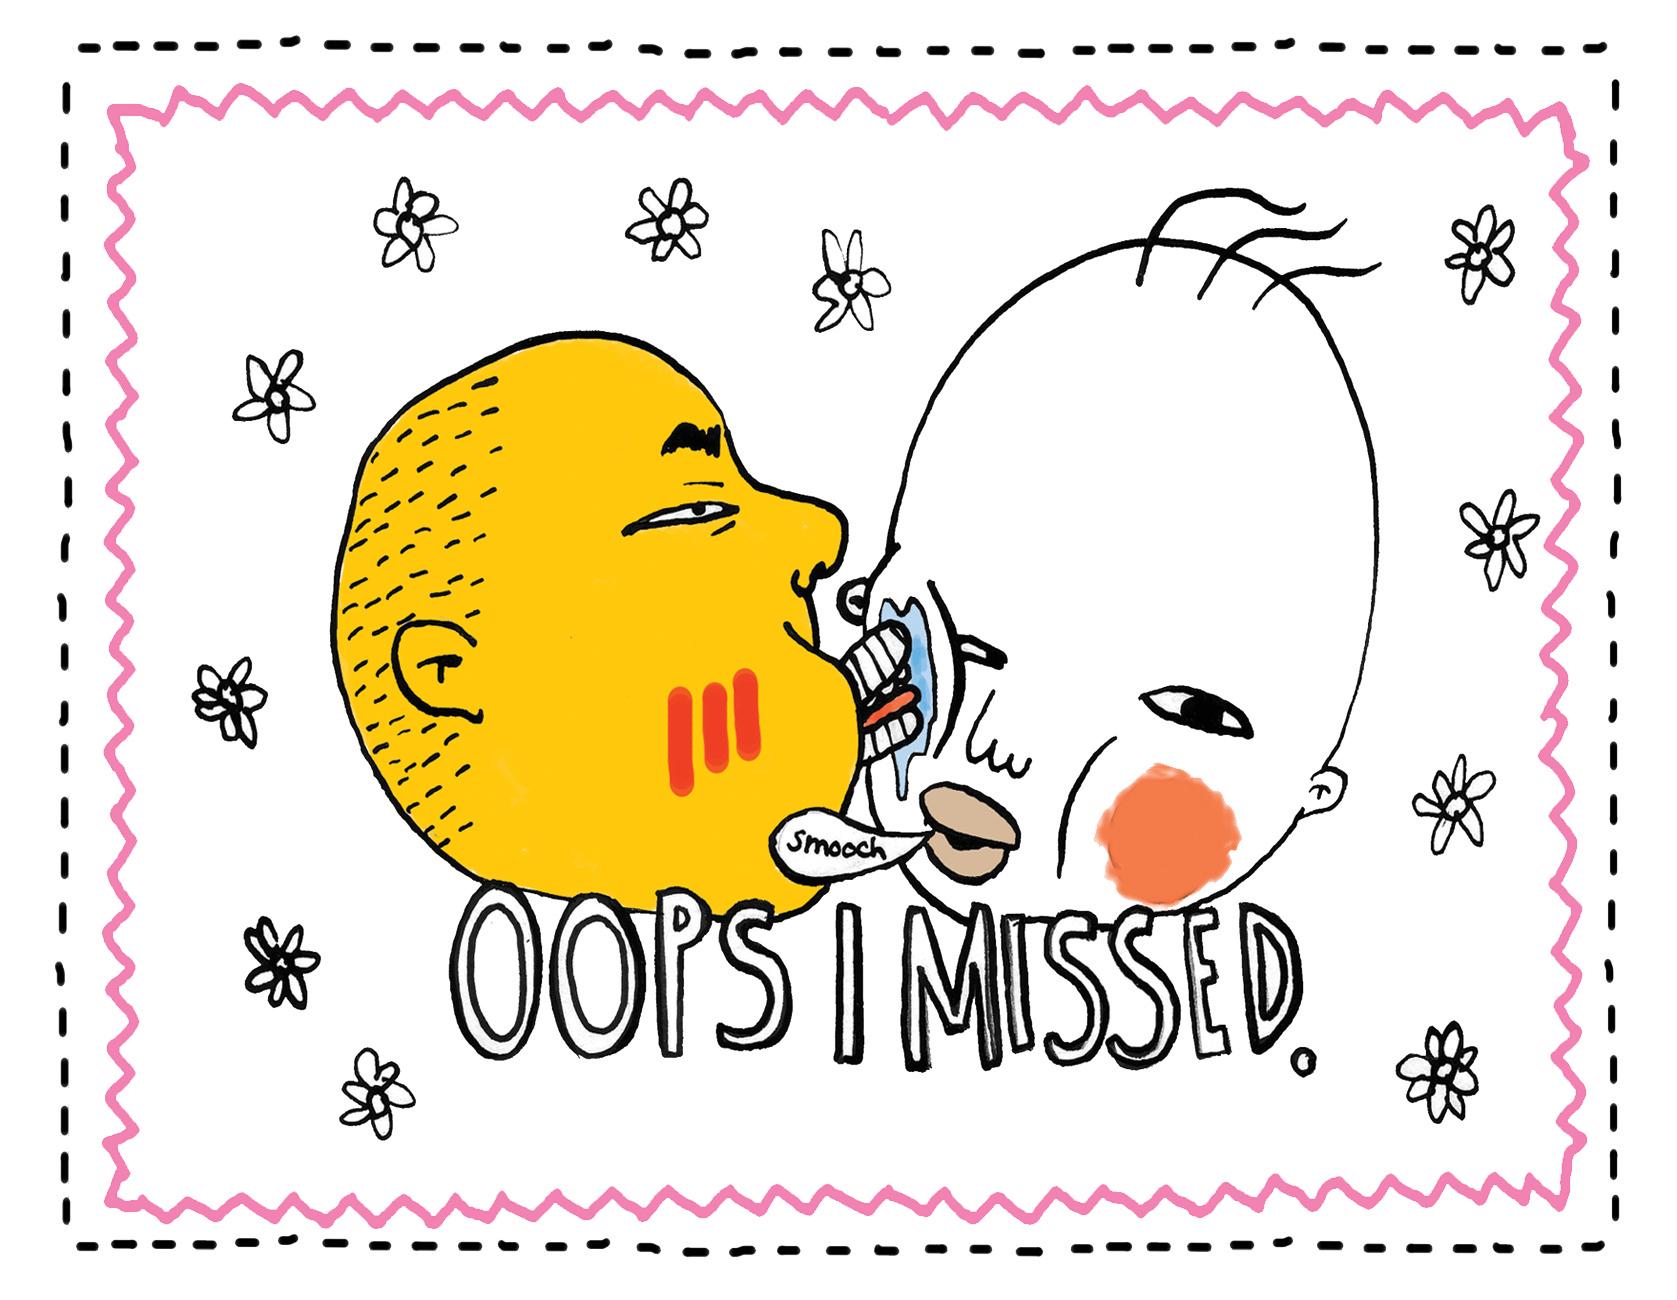 Oops I Missed